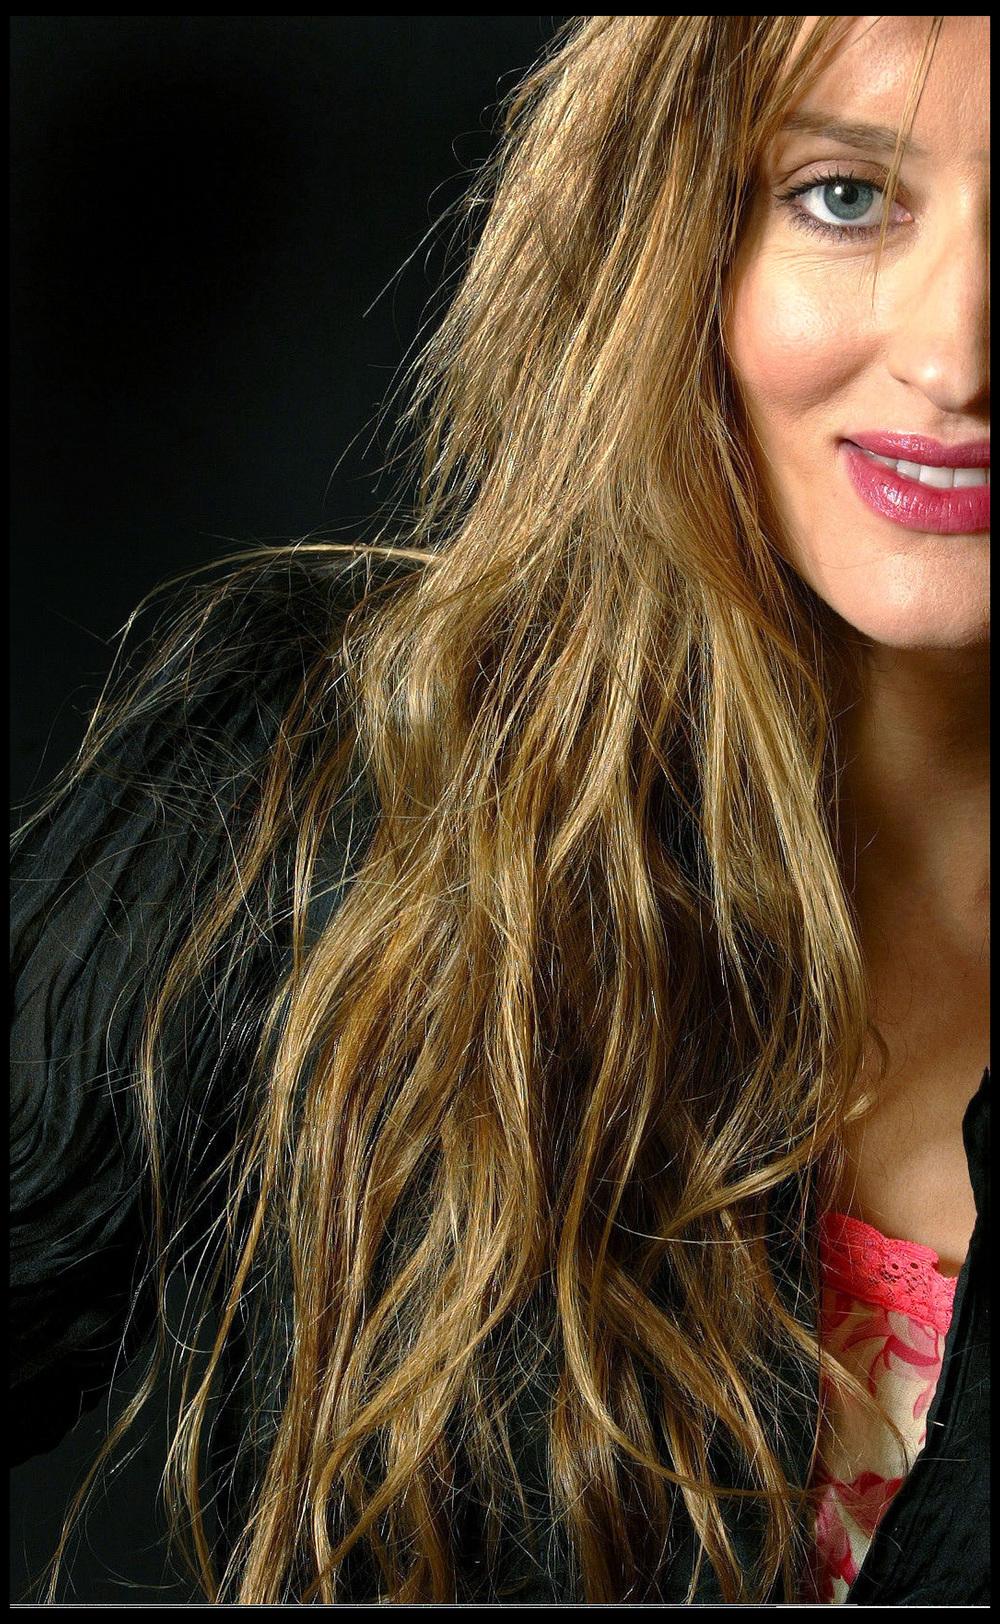 Natascha McElhone, actress